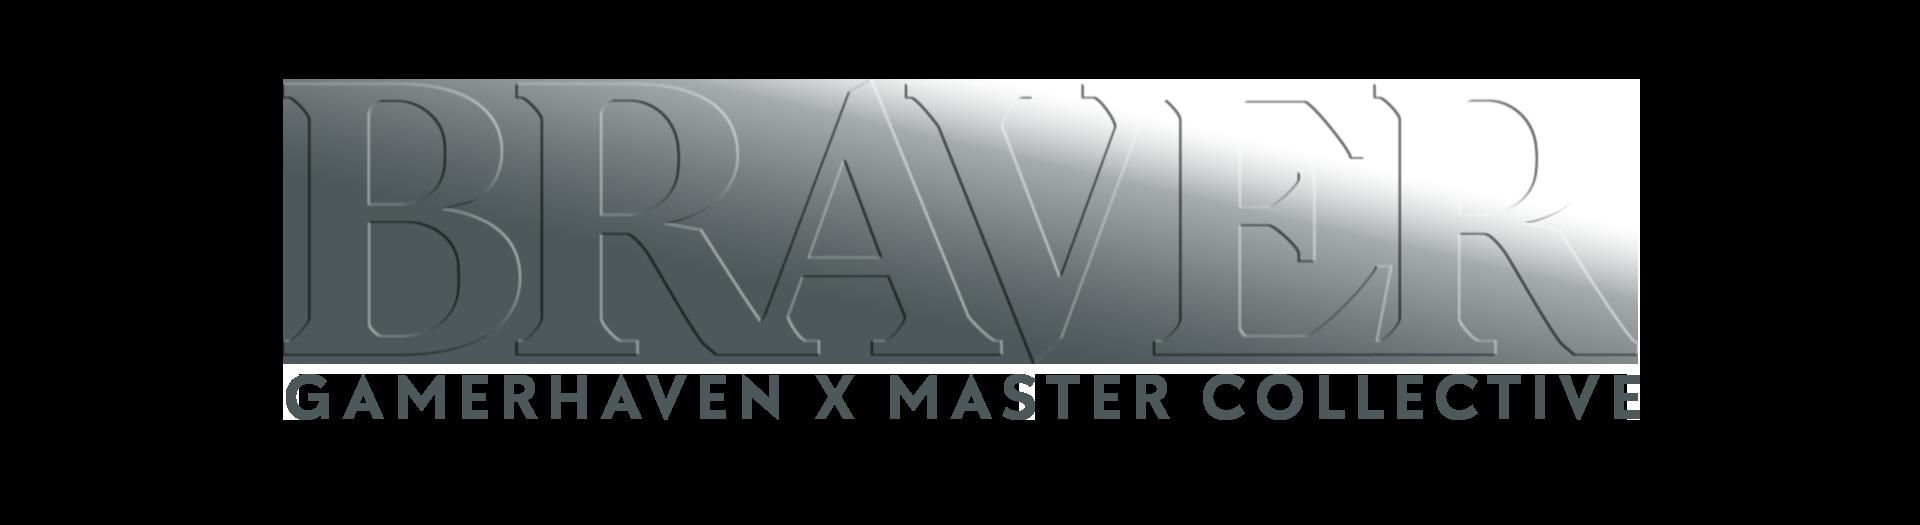 Braver GS Header-v1.png